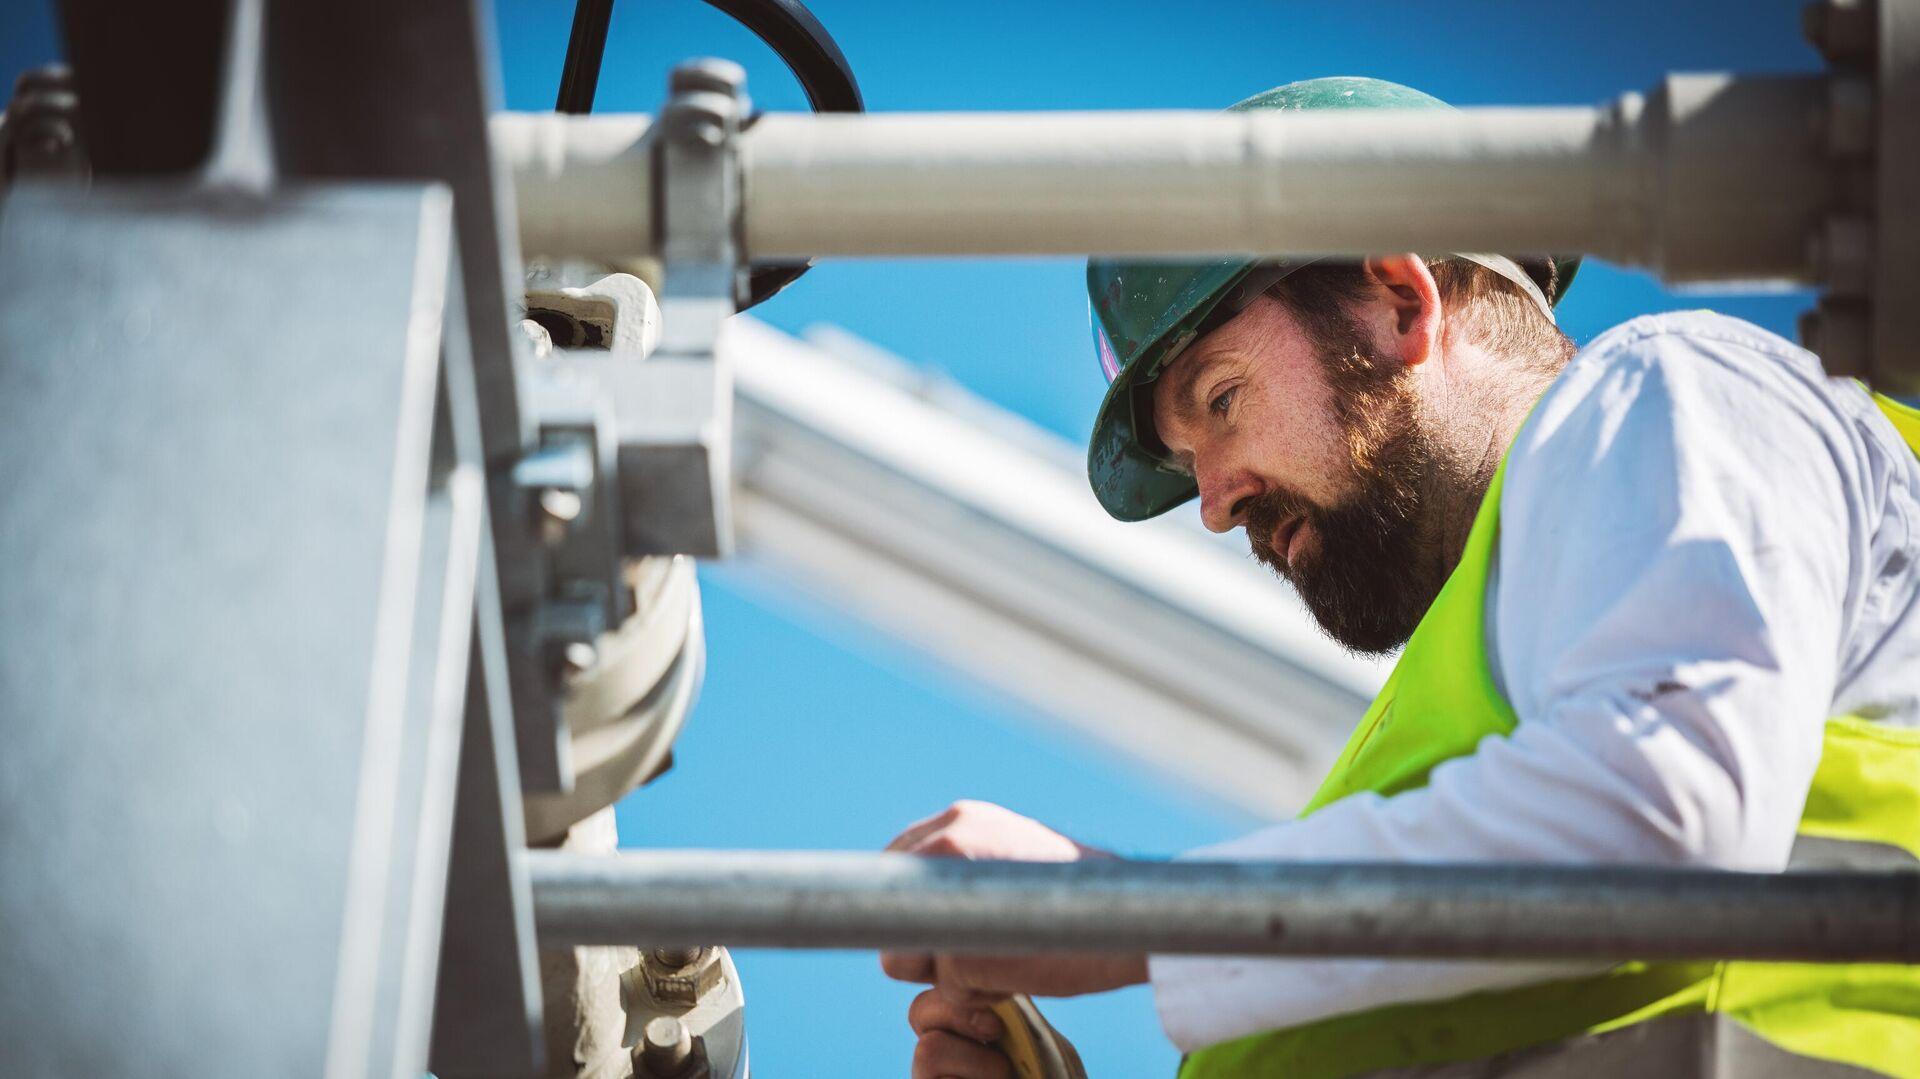 Специалист работает на территории газораспределительного центра магистрального газопровода Северный поток-2 в городе Любмин в Германии - РИА Новости, 1920, 18.05.2021